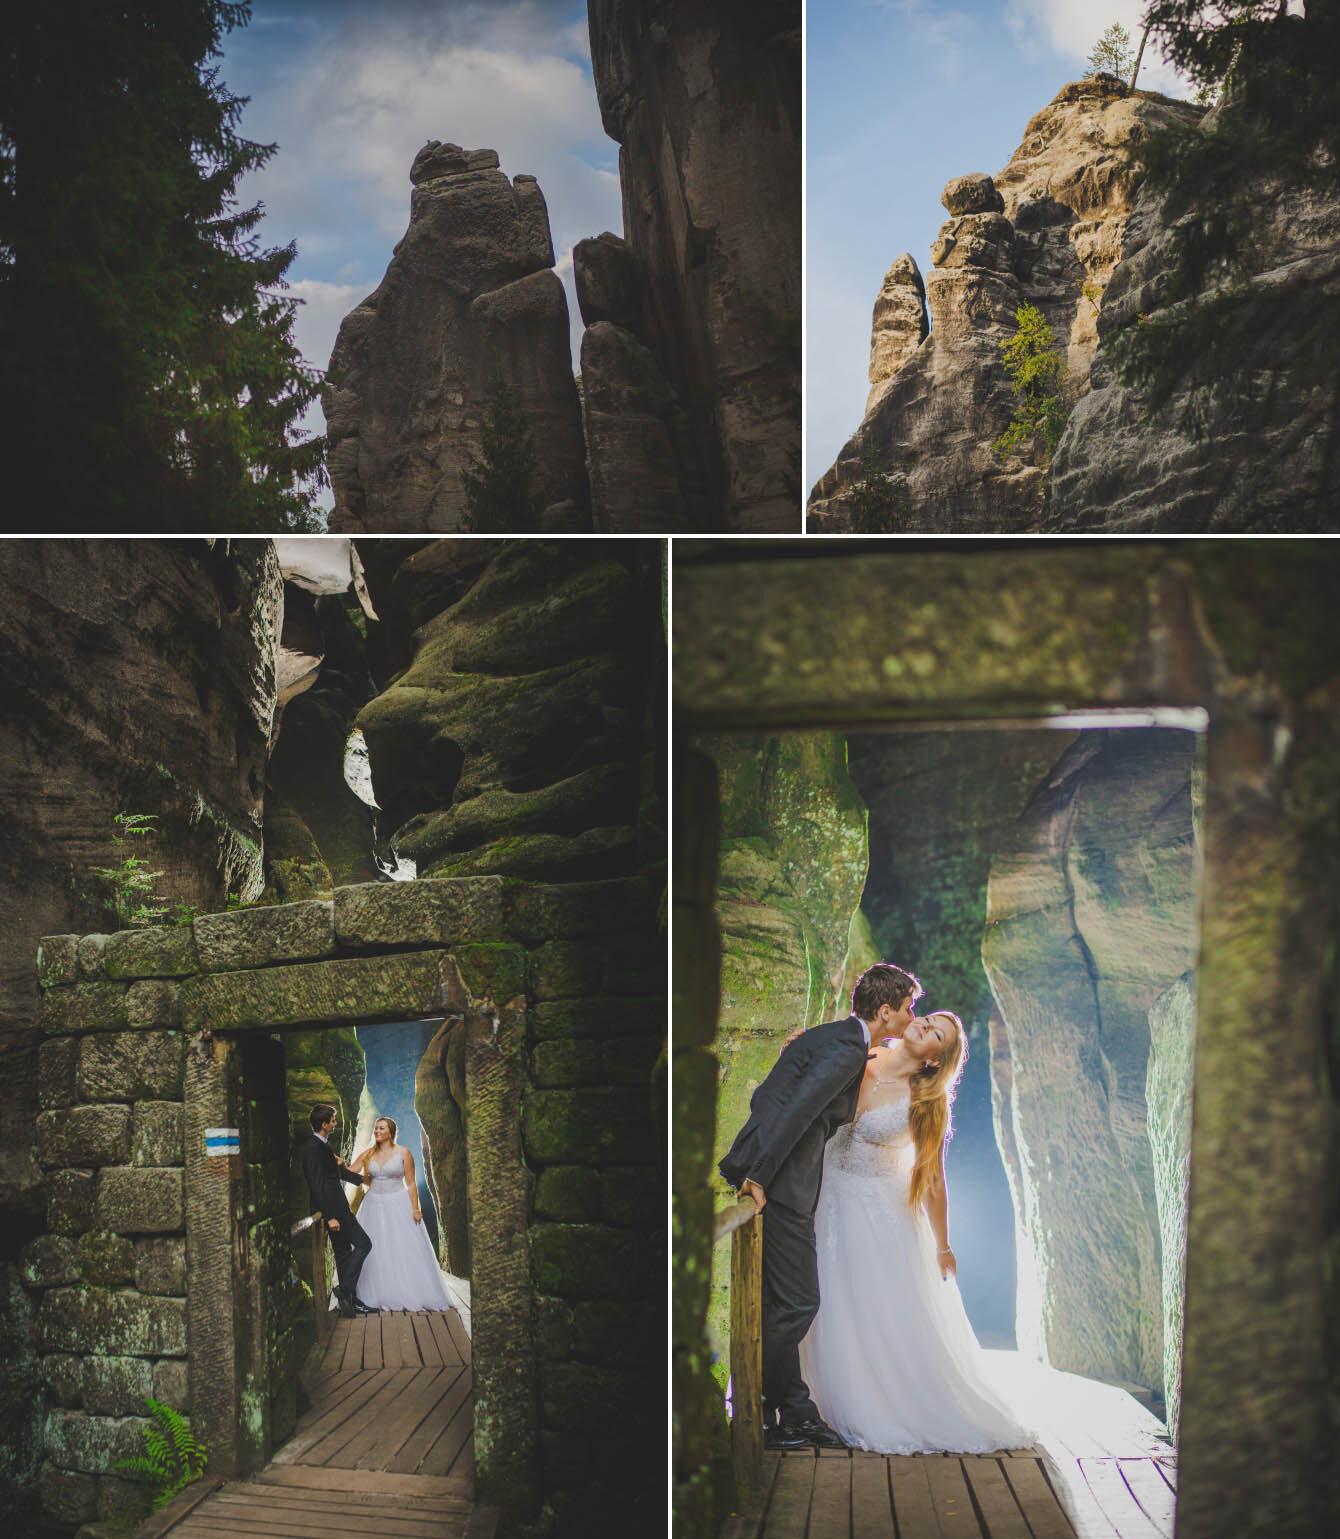 plener ślubny w skalnym miescie w czechach fotografie Bartek Wyrobek  9.jpg